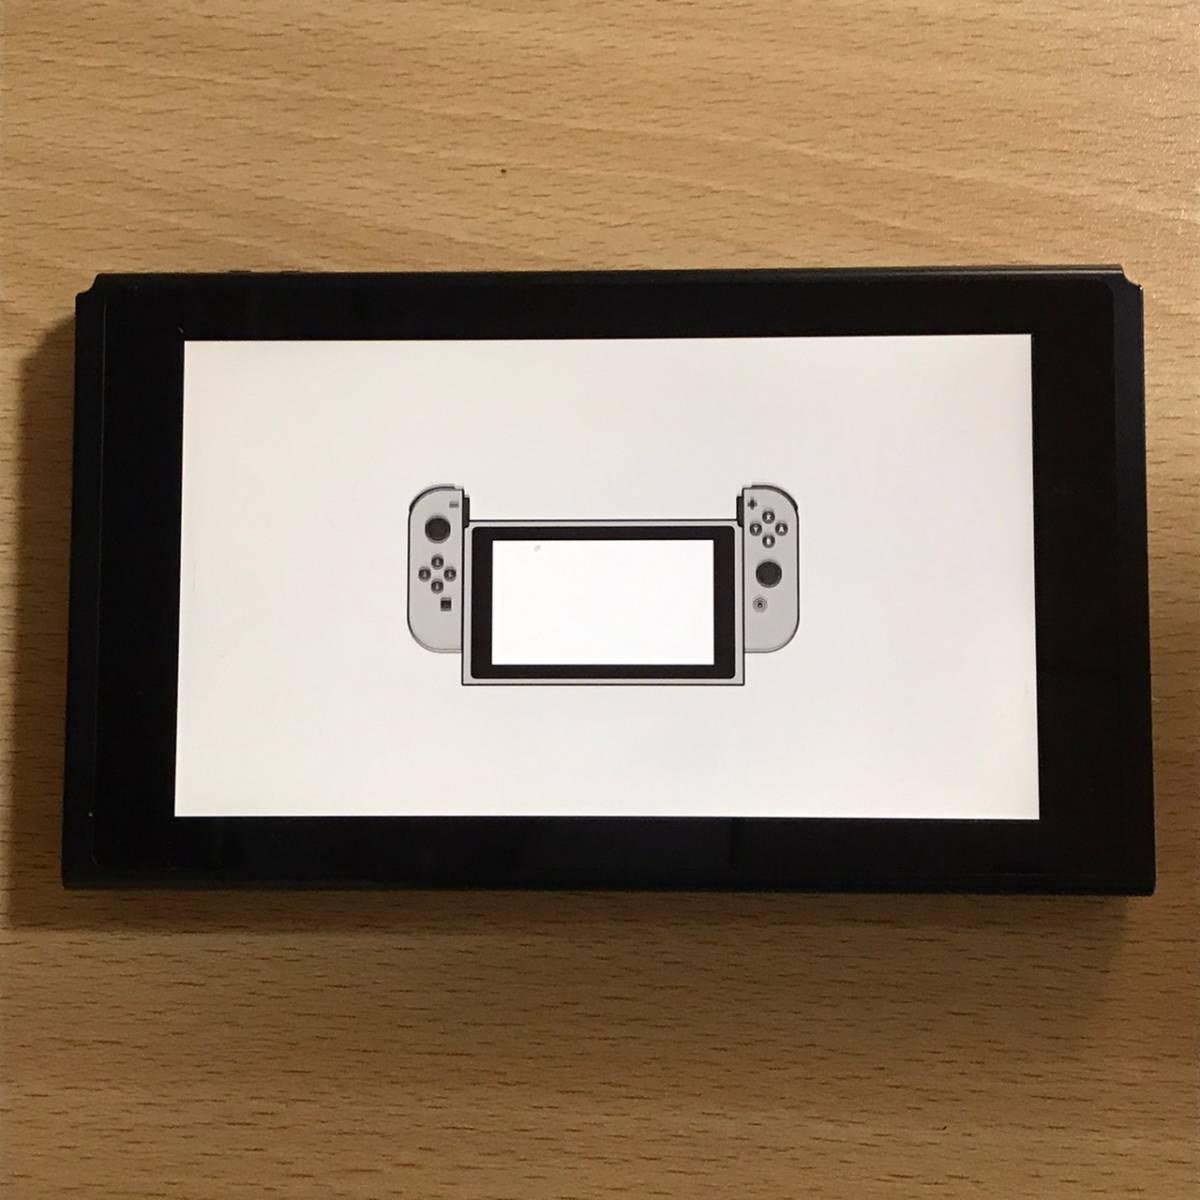 動作確認済み ニンテンドースイッチ Nintendo Switch HAC-001(01) 2019製 新型 バッテリー拡張 本体のみ スタンド欠品 任天堂 SC-238_画像1